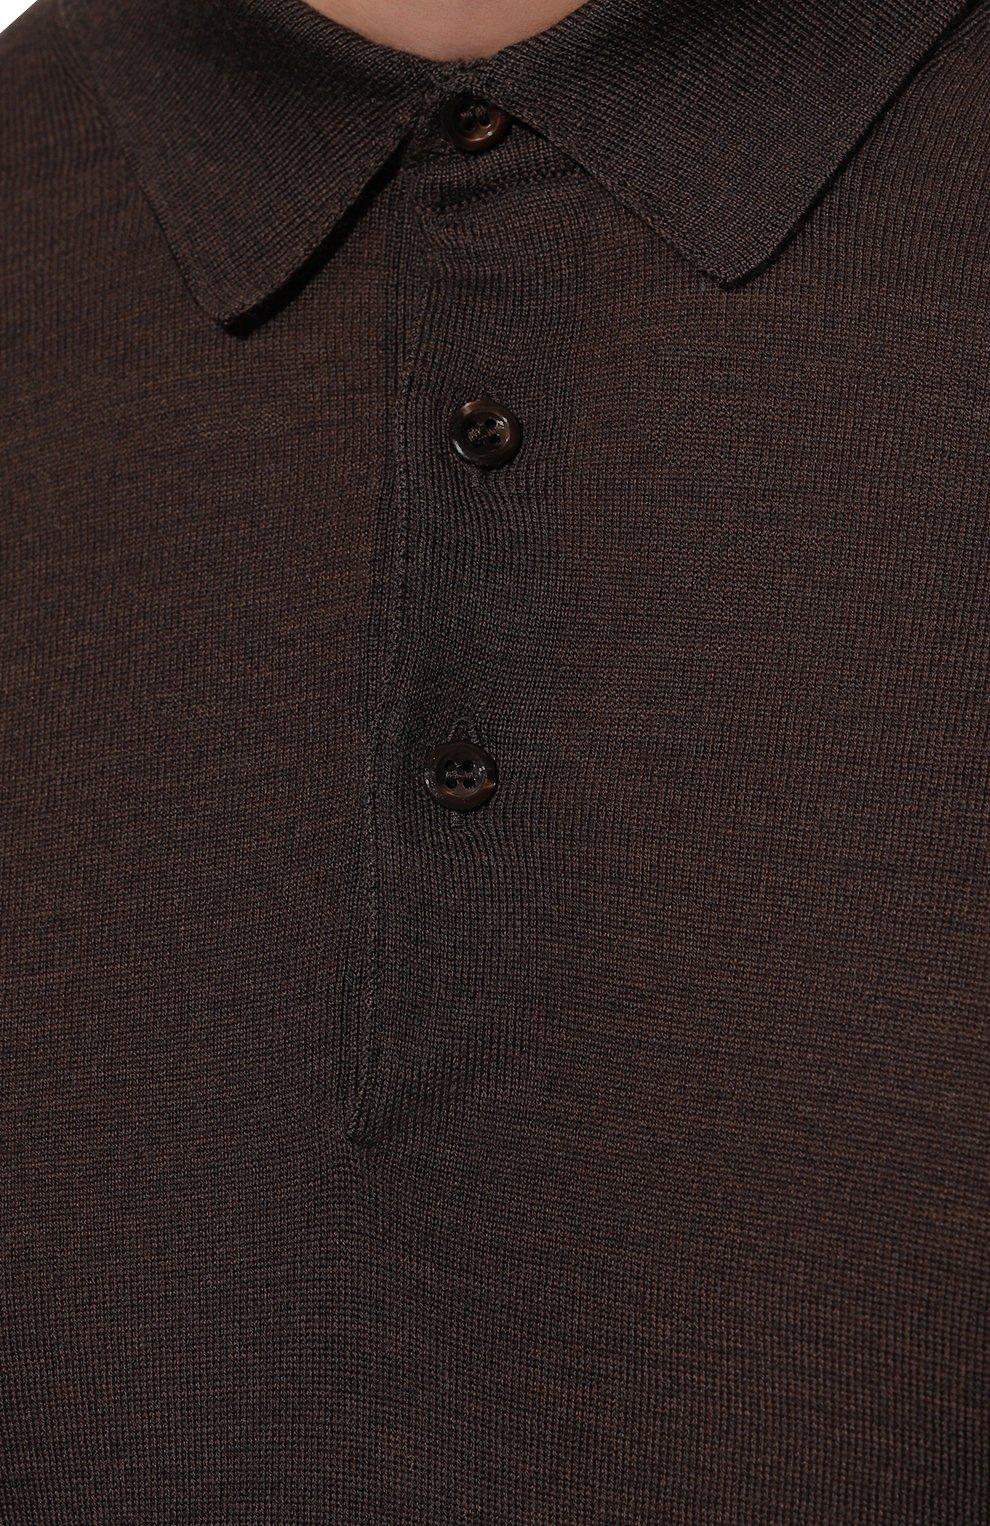 Мужское шерстяное поло GRAN SASSO темно-коричневого цвета, арт. 45132/14790 | Фото 5